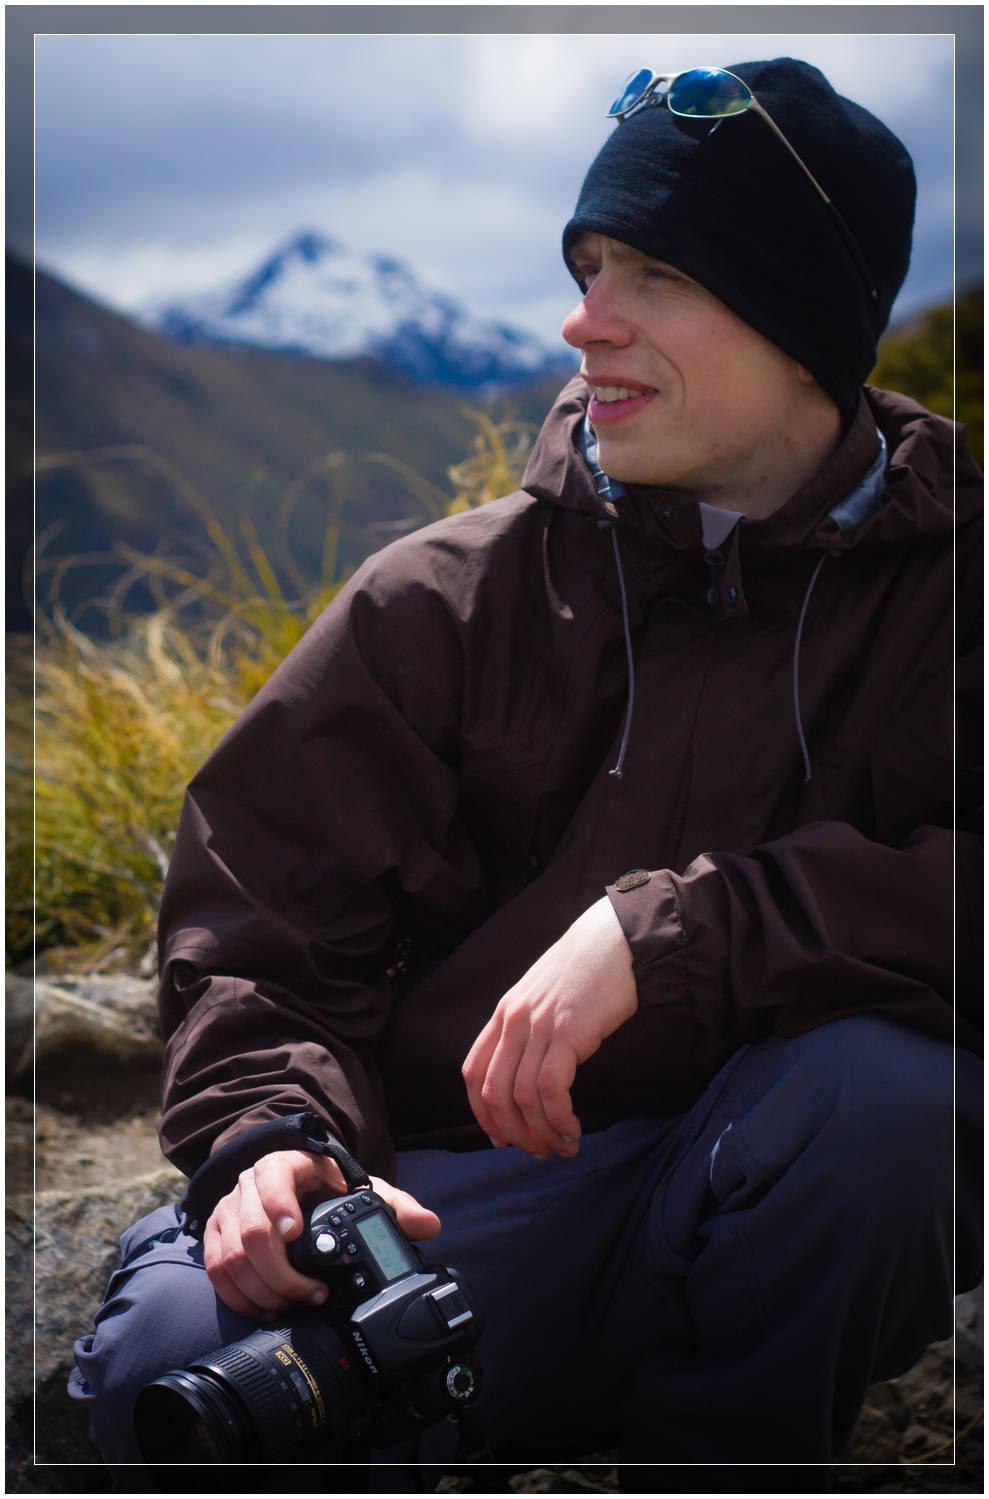 Dustin Main - Kepler Track, New Zealand